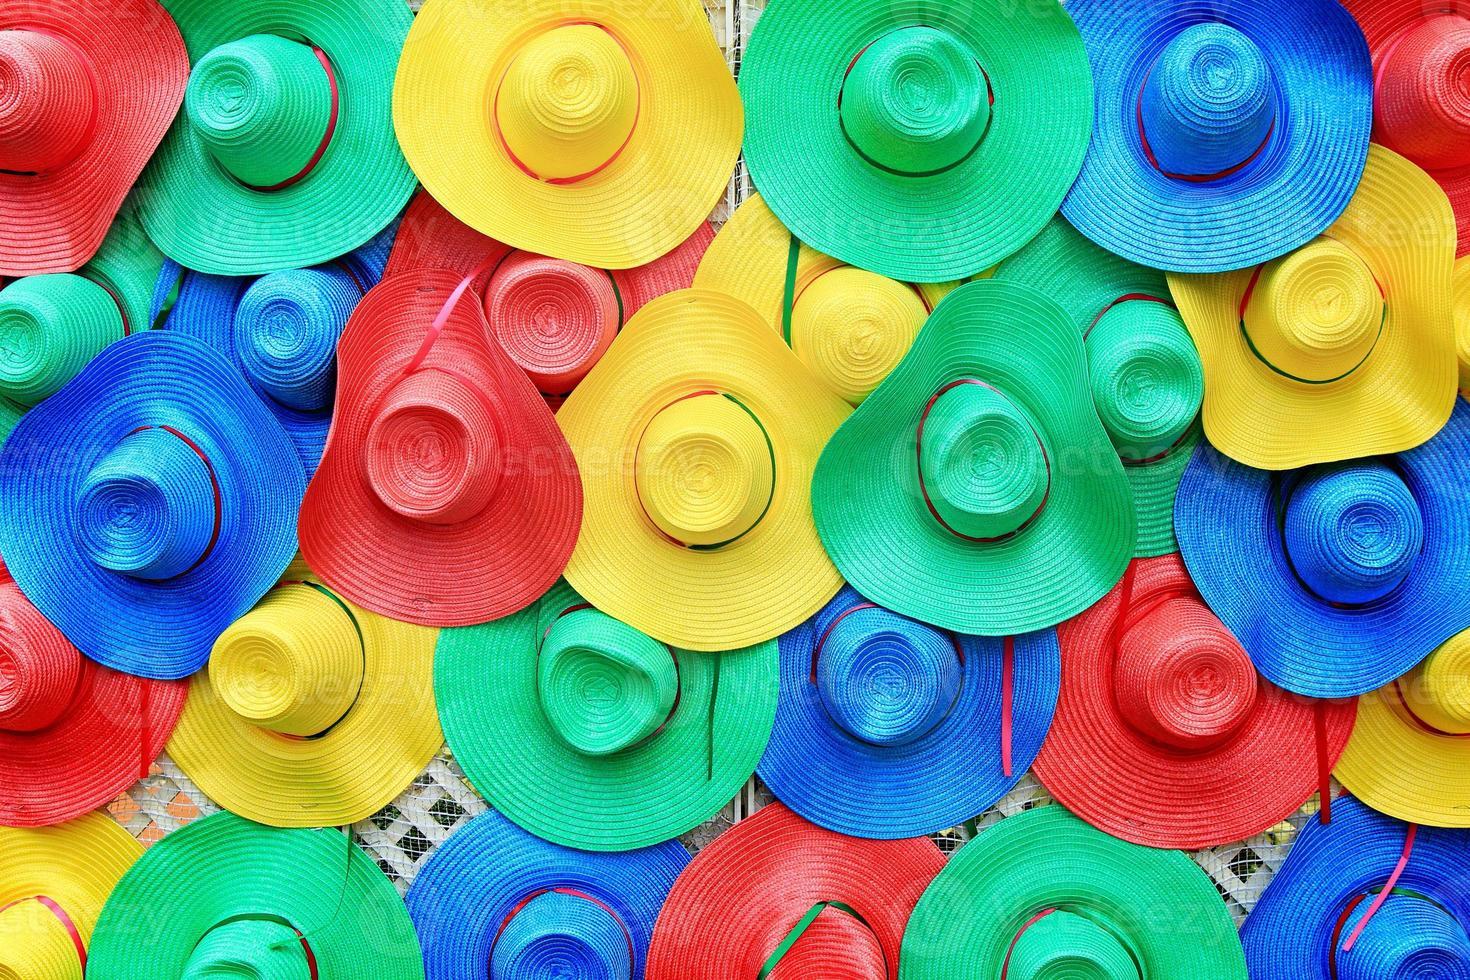 kleurrijke hoeden foto